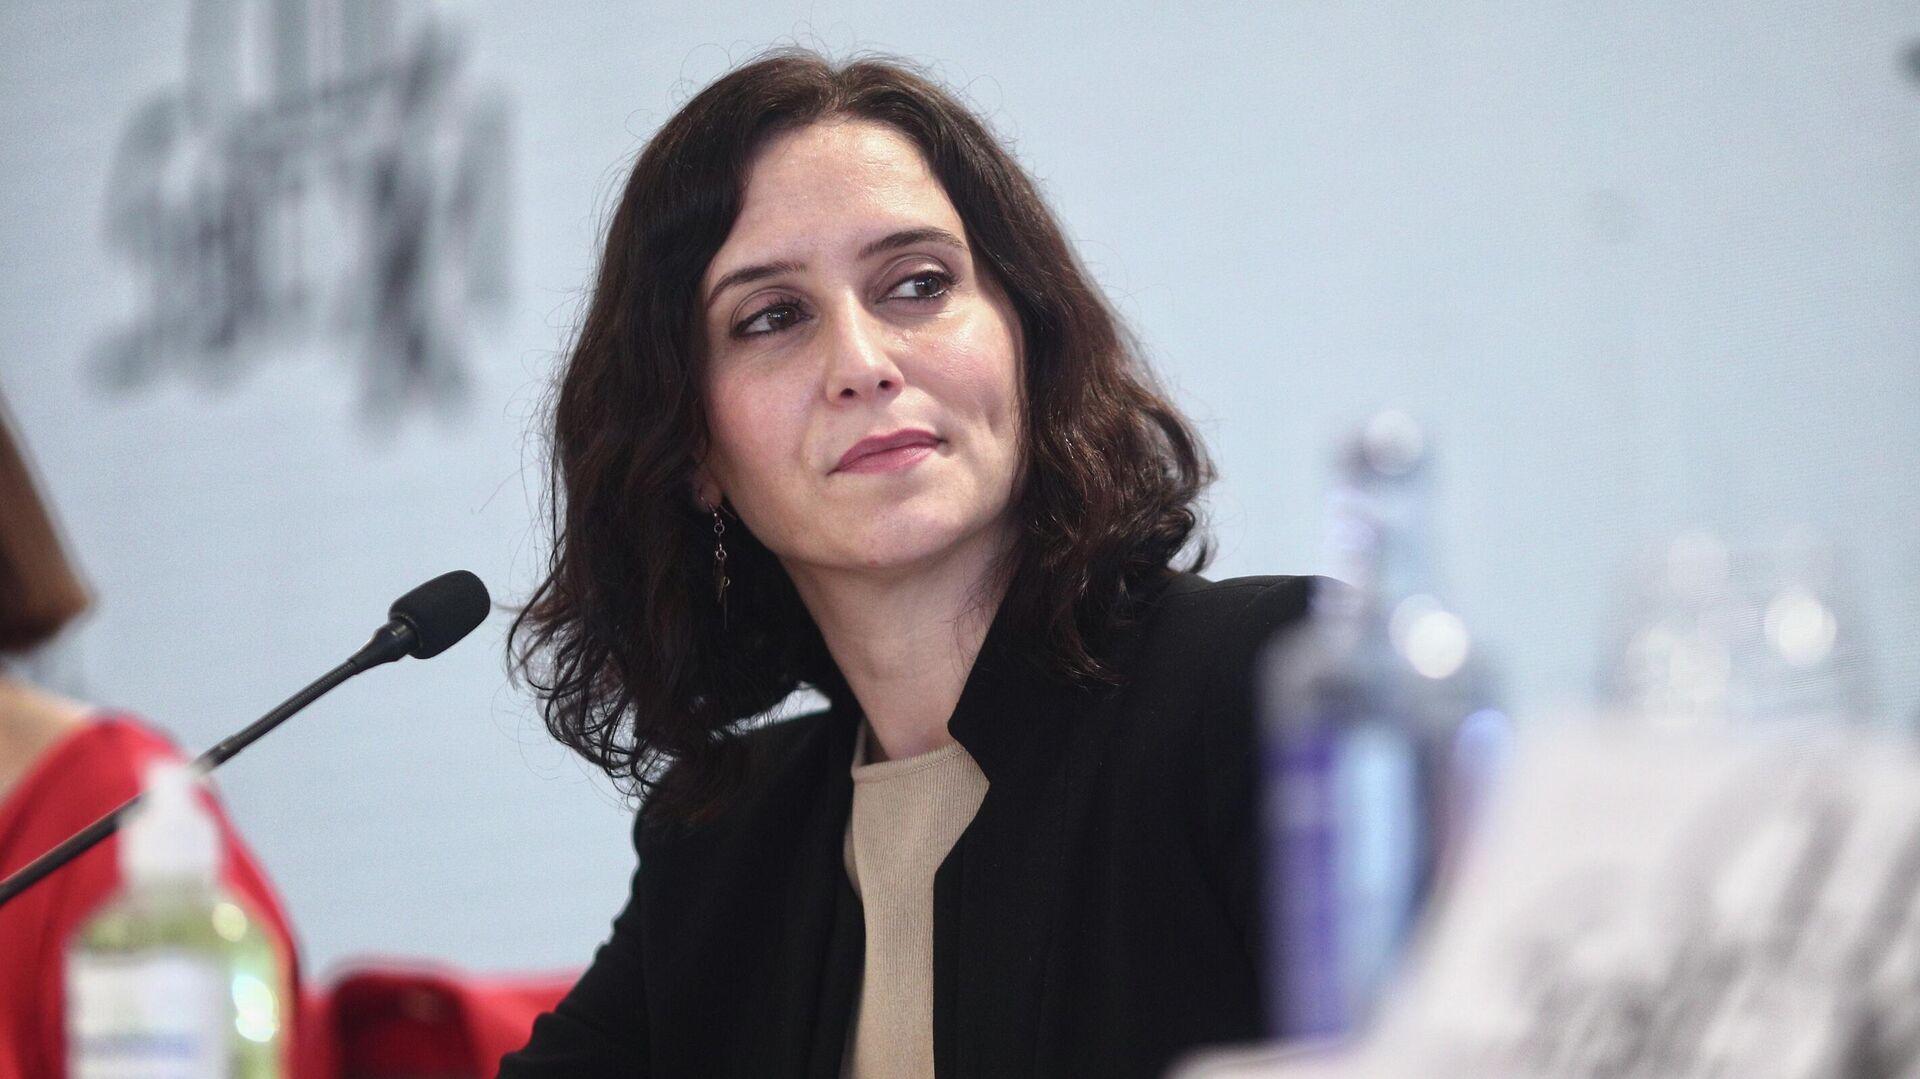 Isabel Díaz-Ayuso, la presidenta de la Comunidad de Madrid - Sputnik Mundo, 1920, 28.04.2021